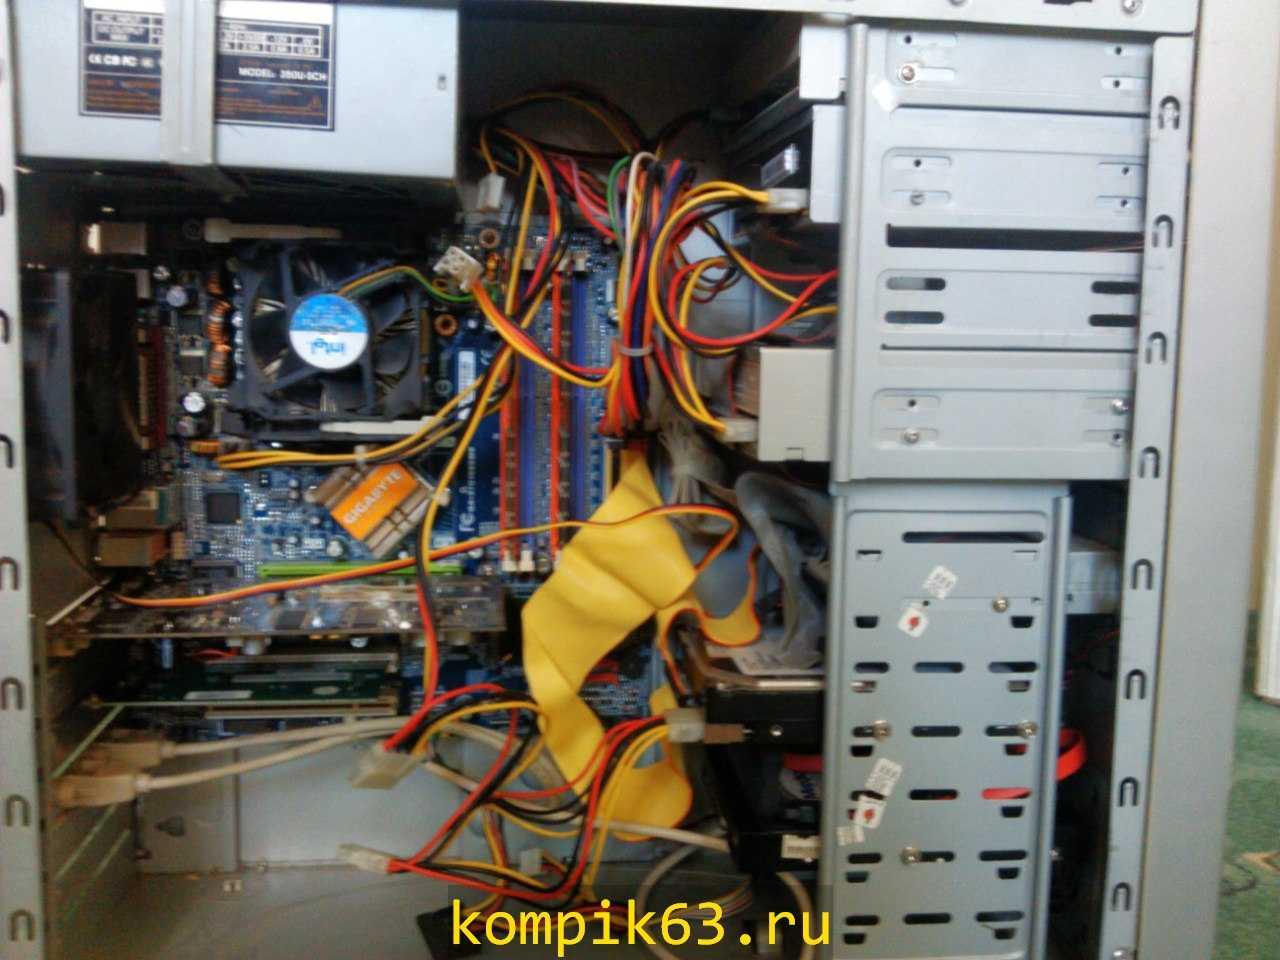 kompik63.ru-192